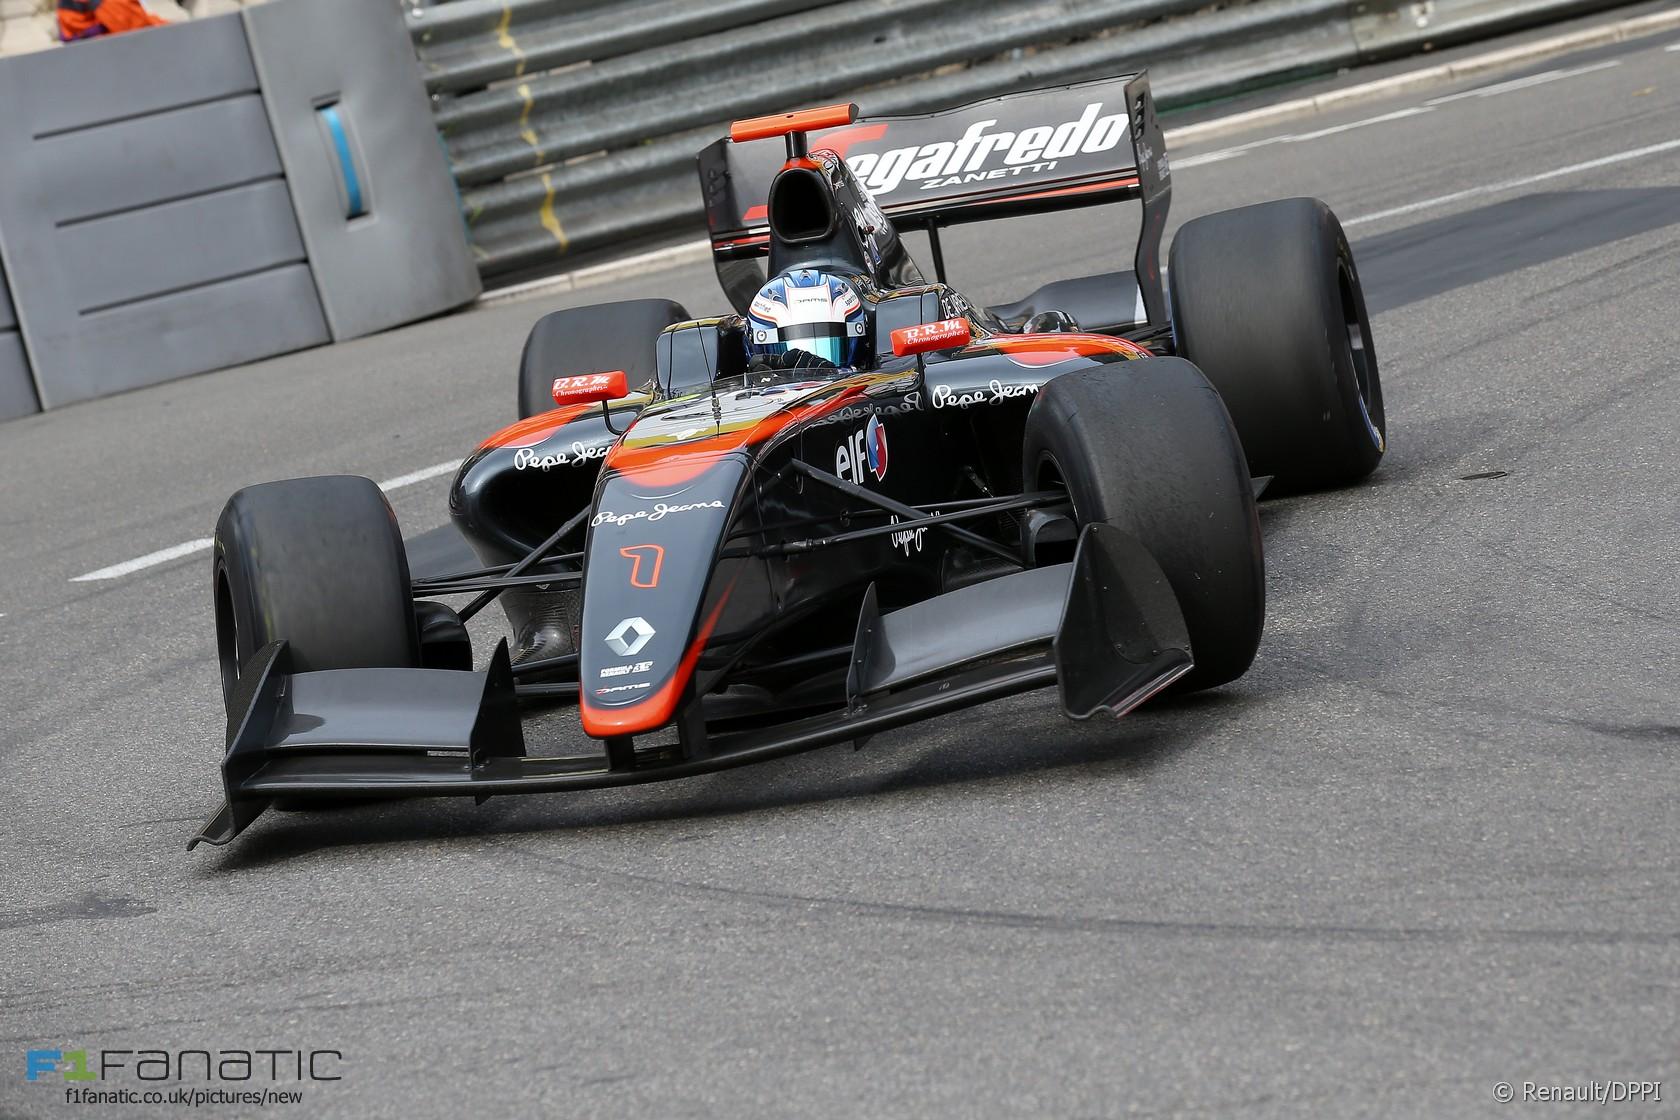 Nyck de Vries, DAMS, Formula Renault 3.5, Monte-Carlo, Monaco, 2015